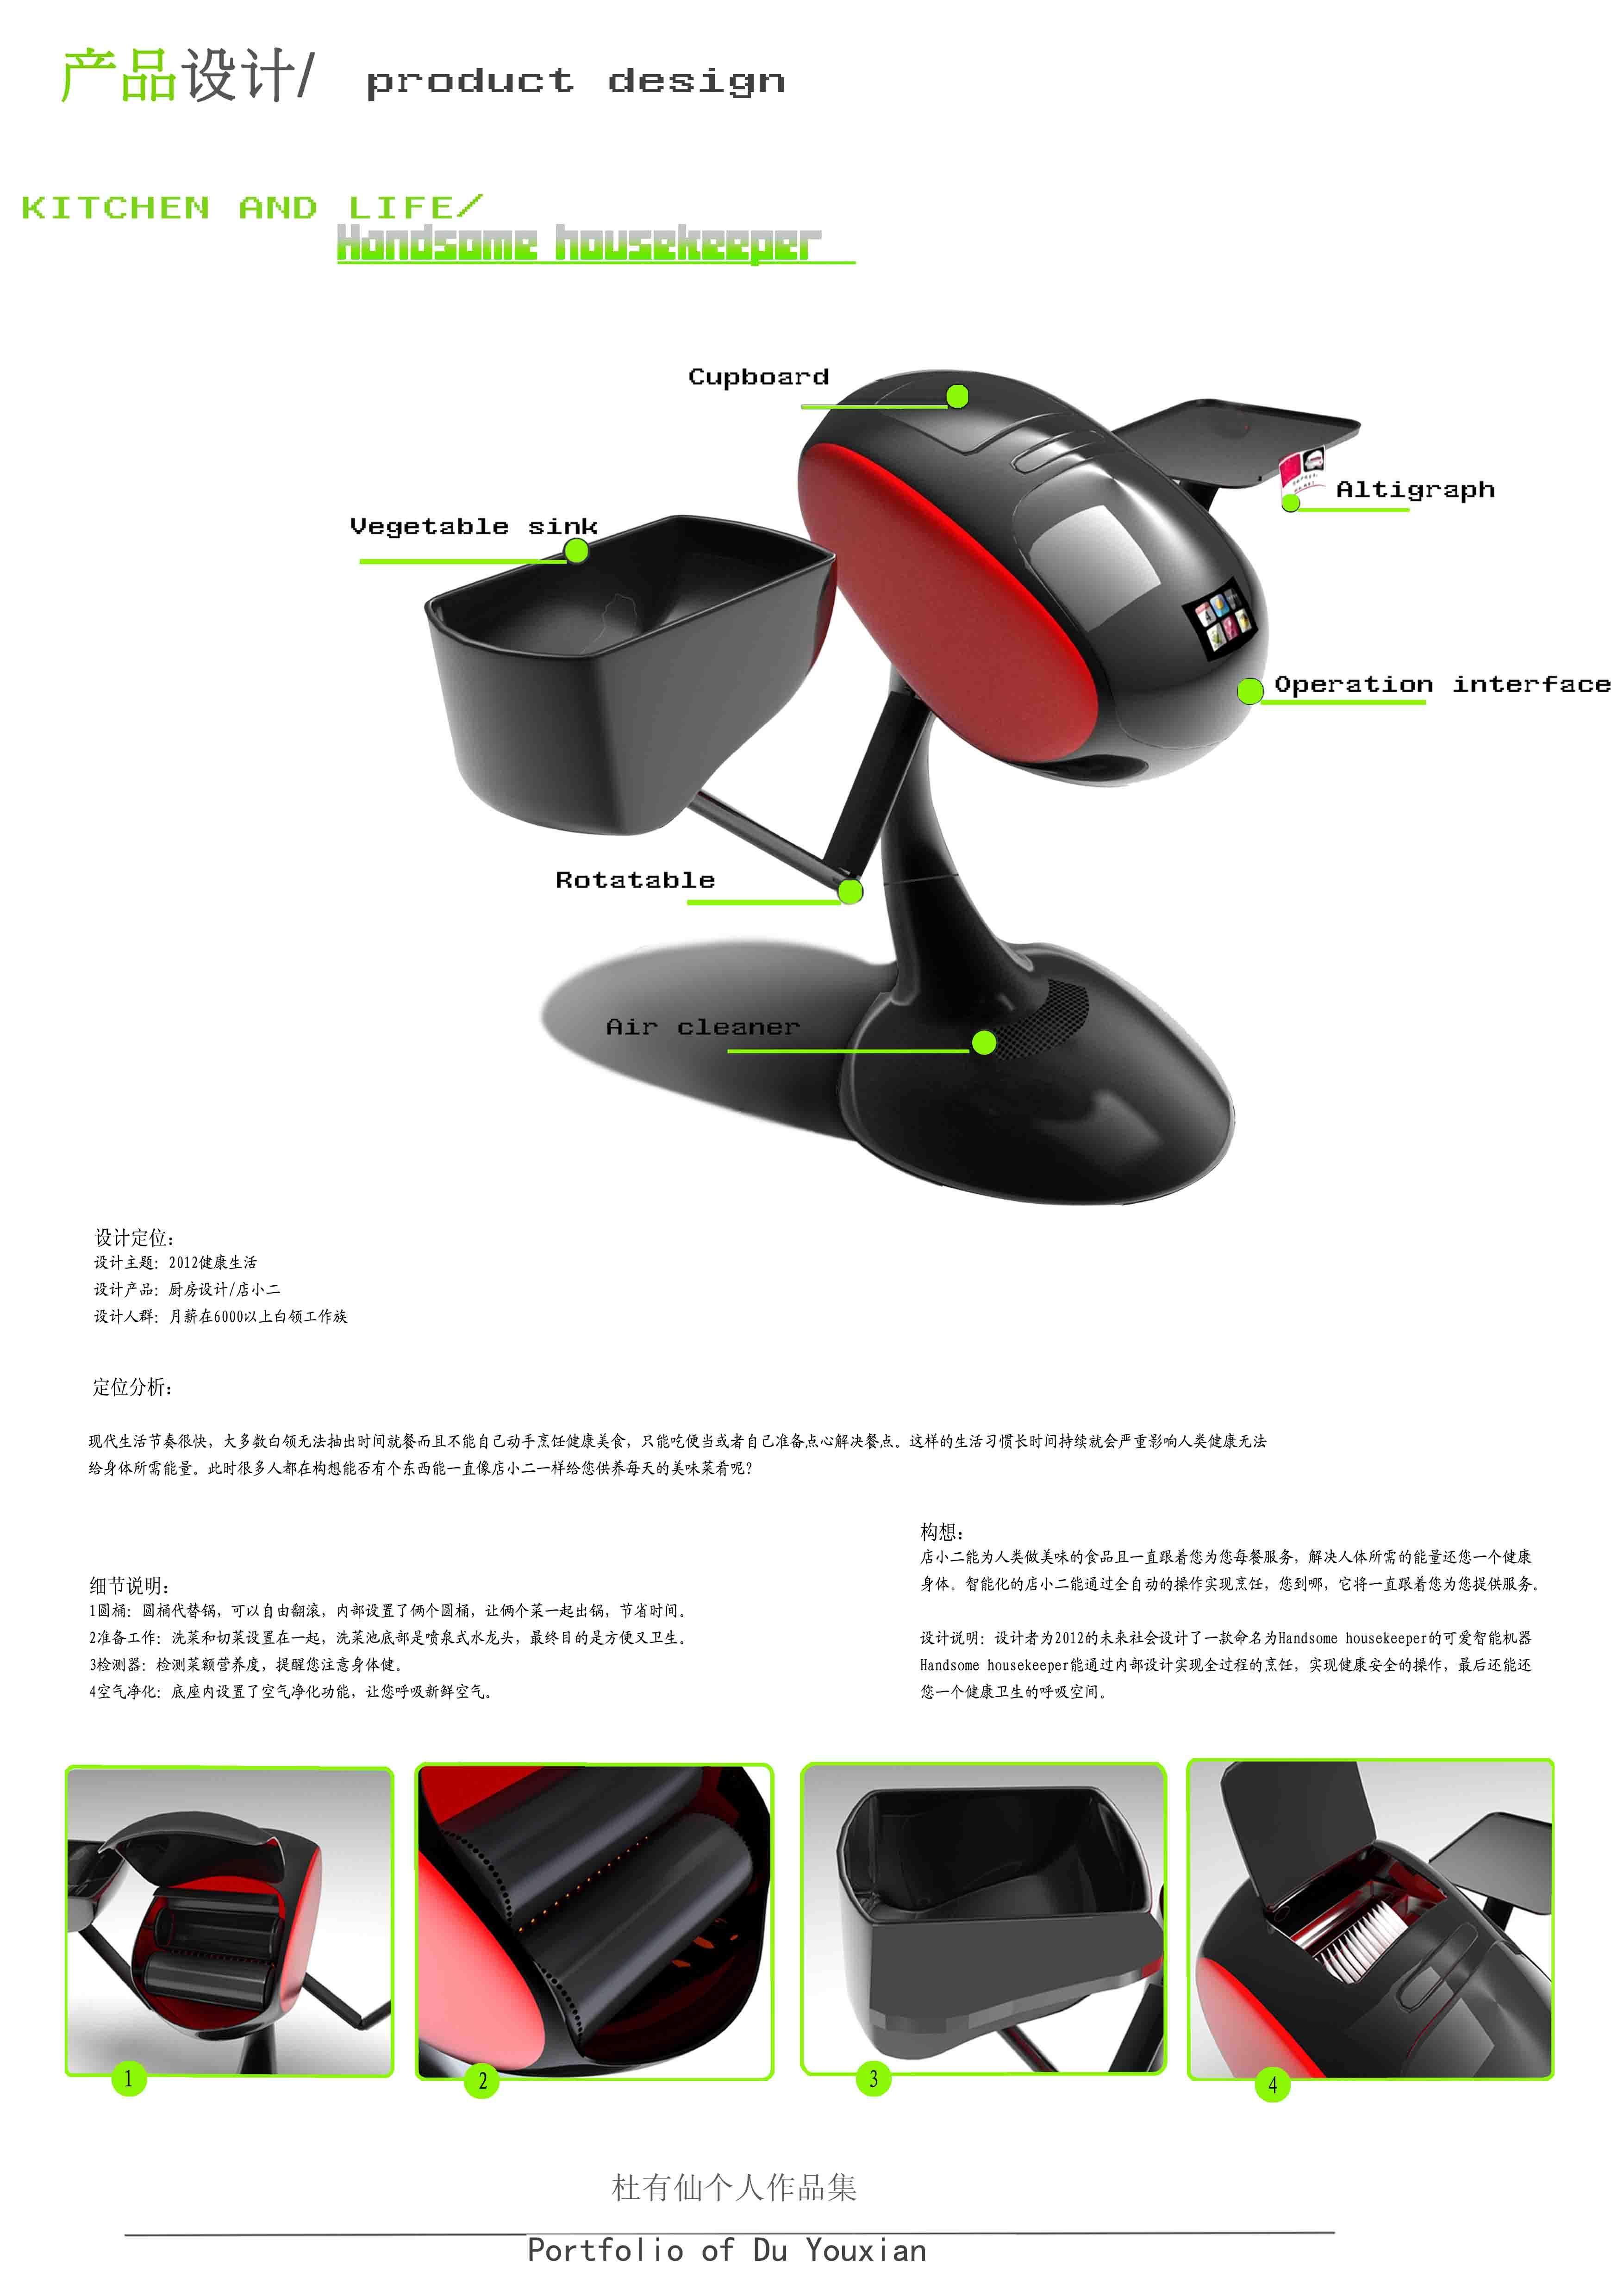 各种工业产品设计 (15p)